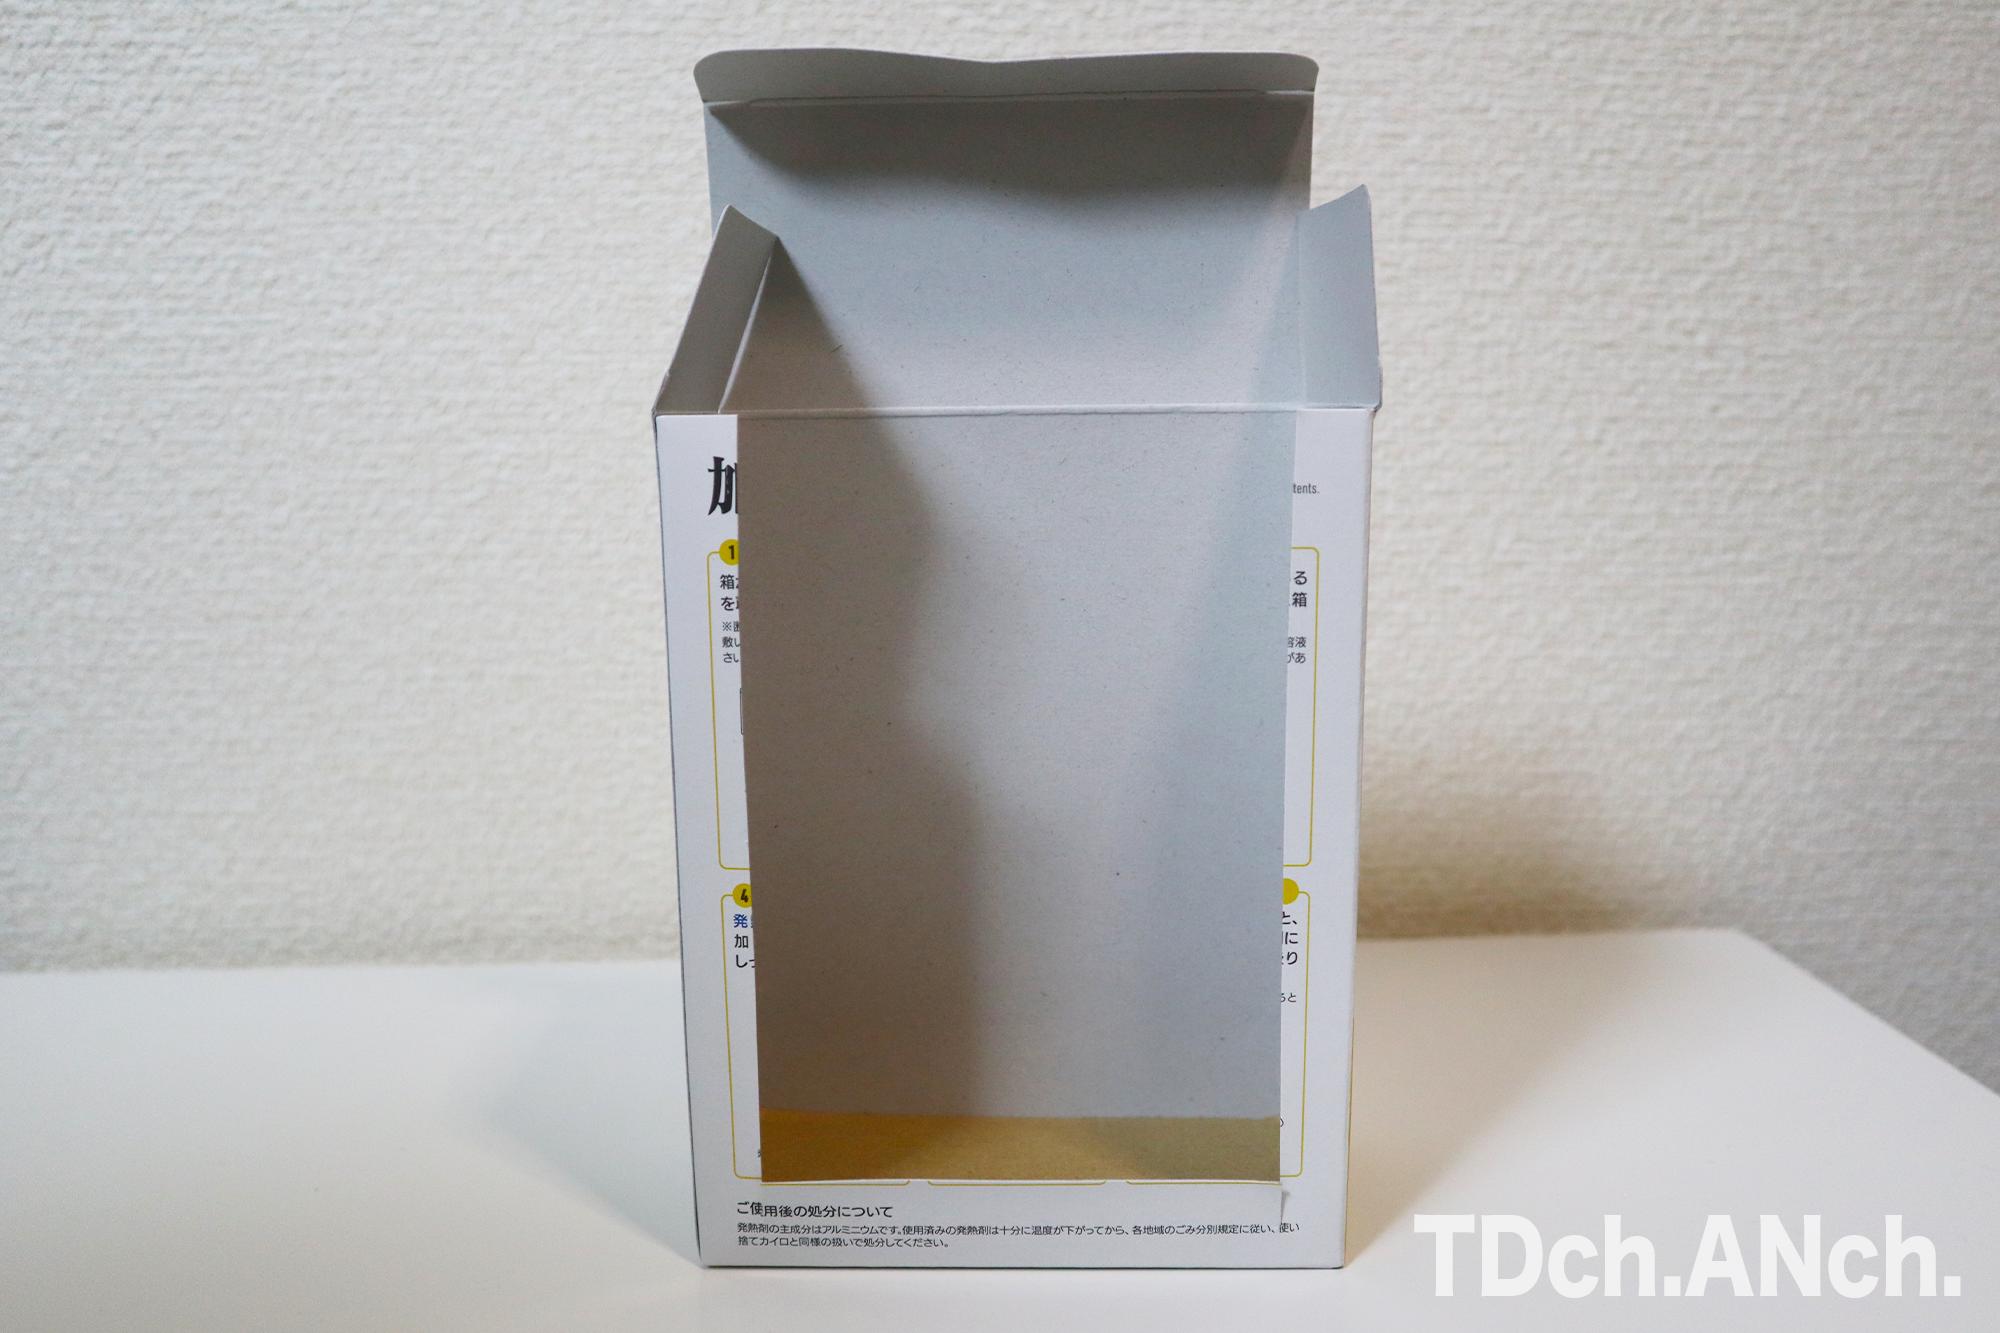 加熱にはこの箱を使います